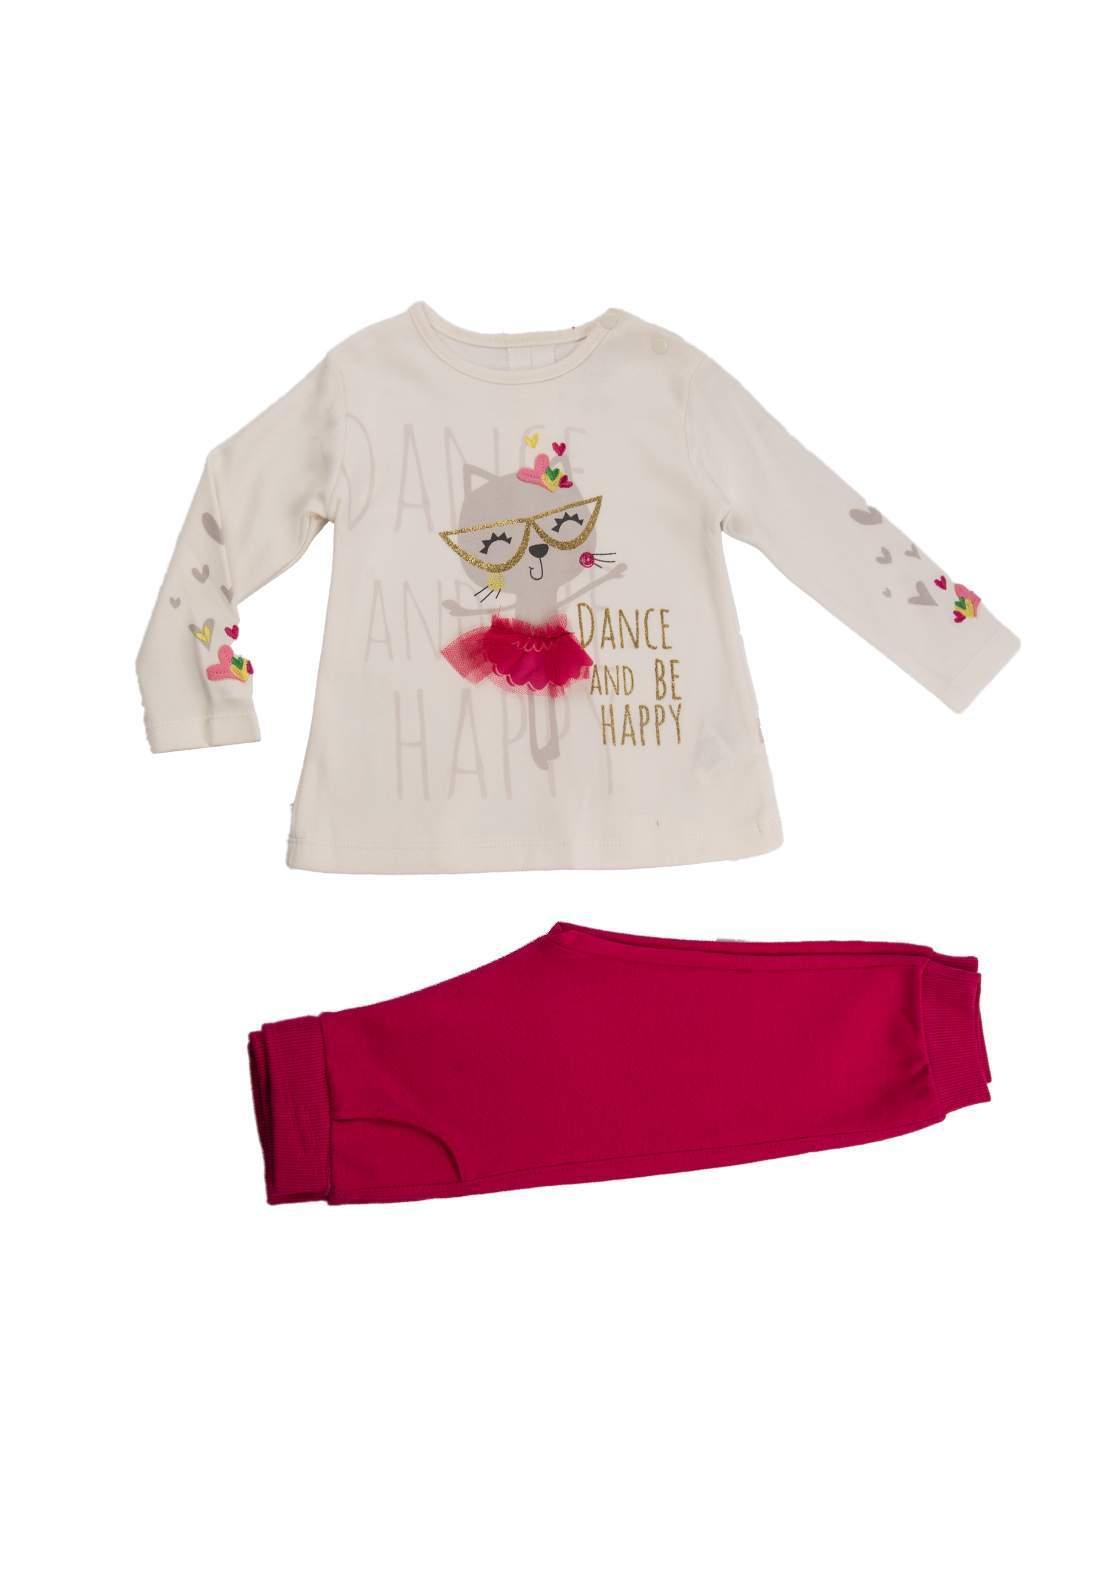 سيت بيجاما بناتي باللون الوردي والابيض